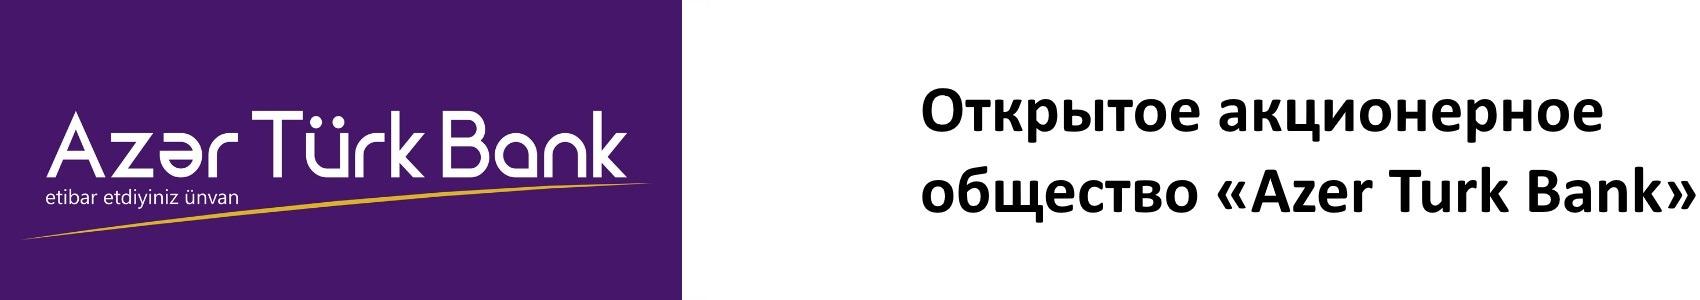 Azer Turk Bank, микрозаймы